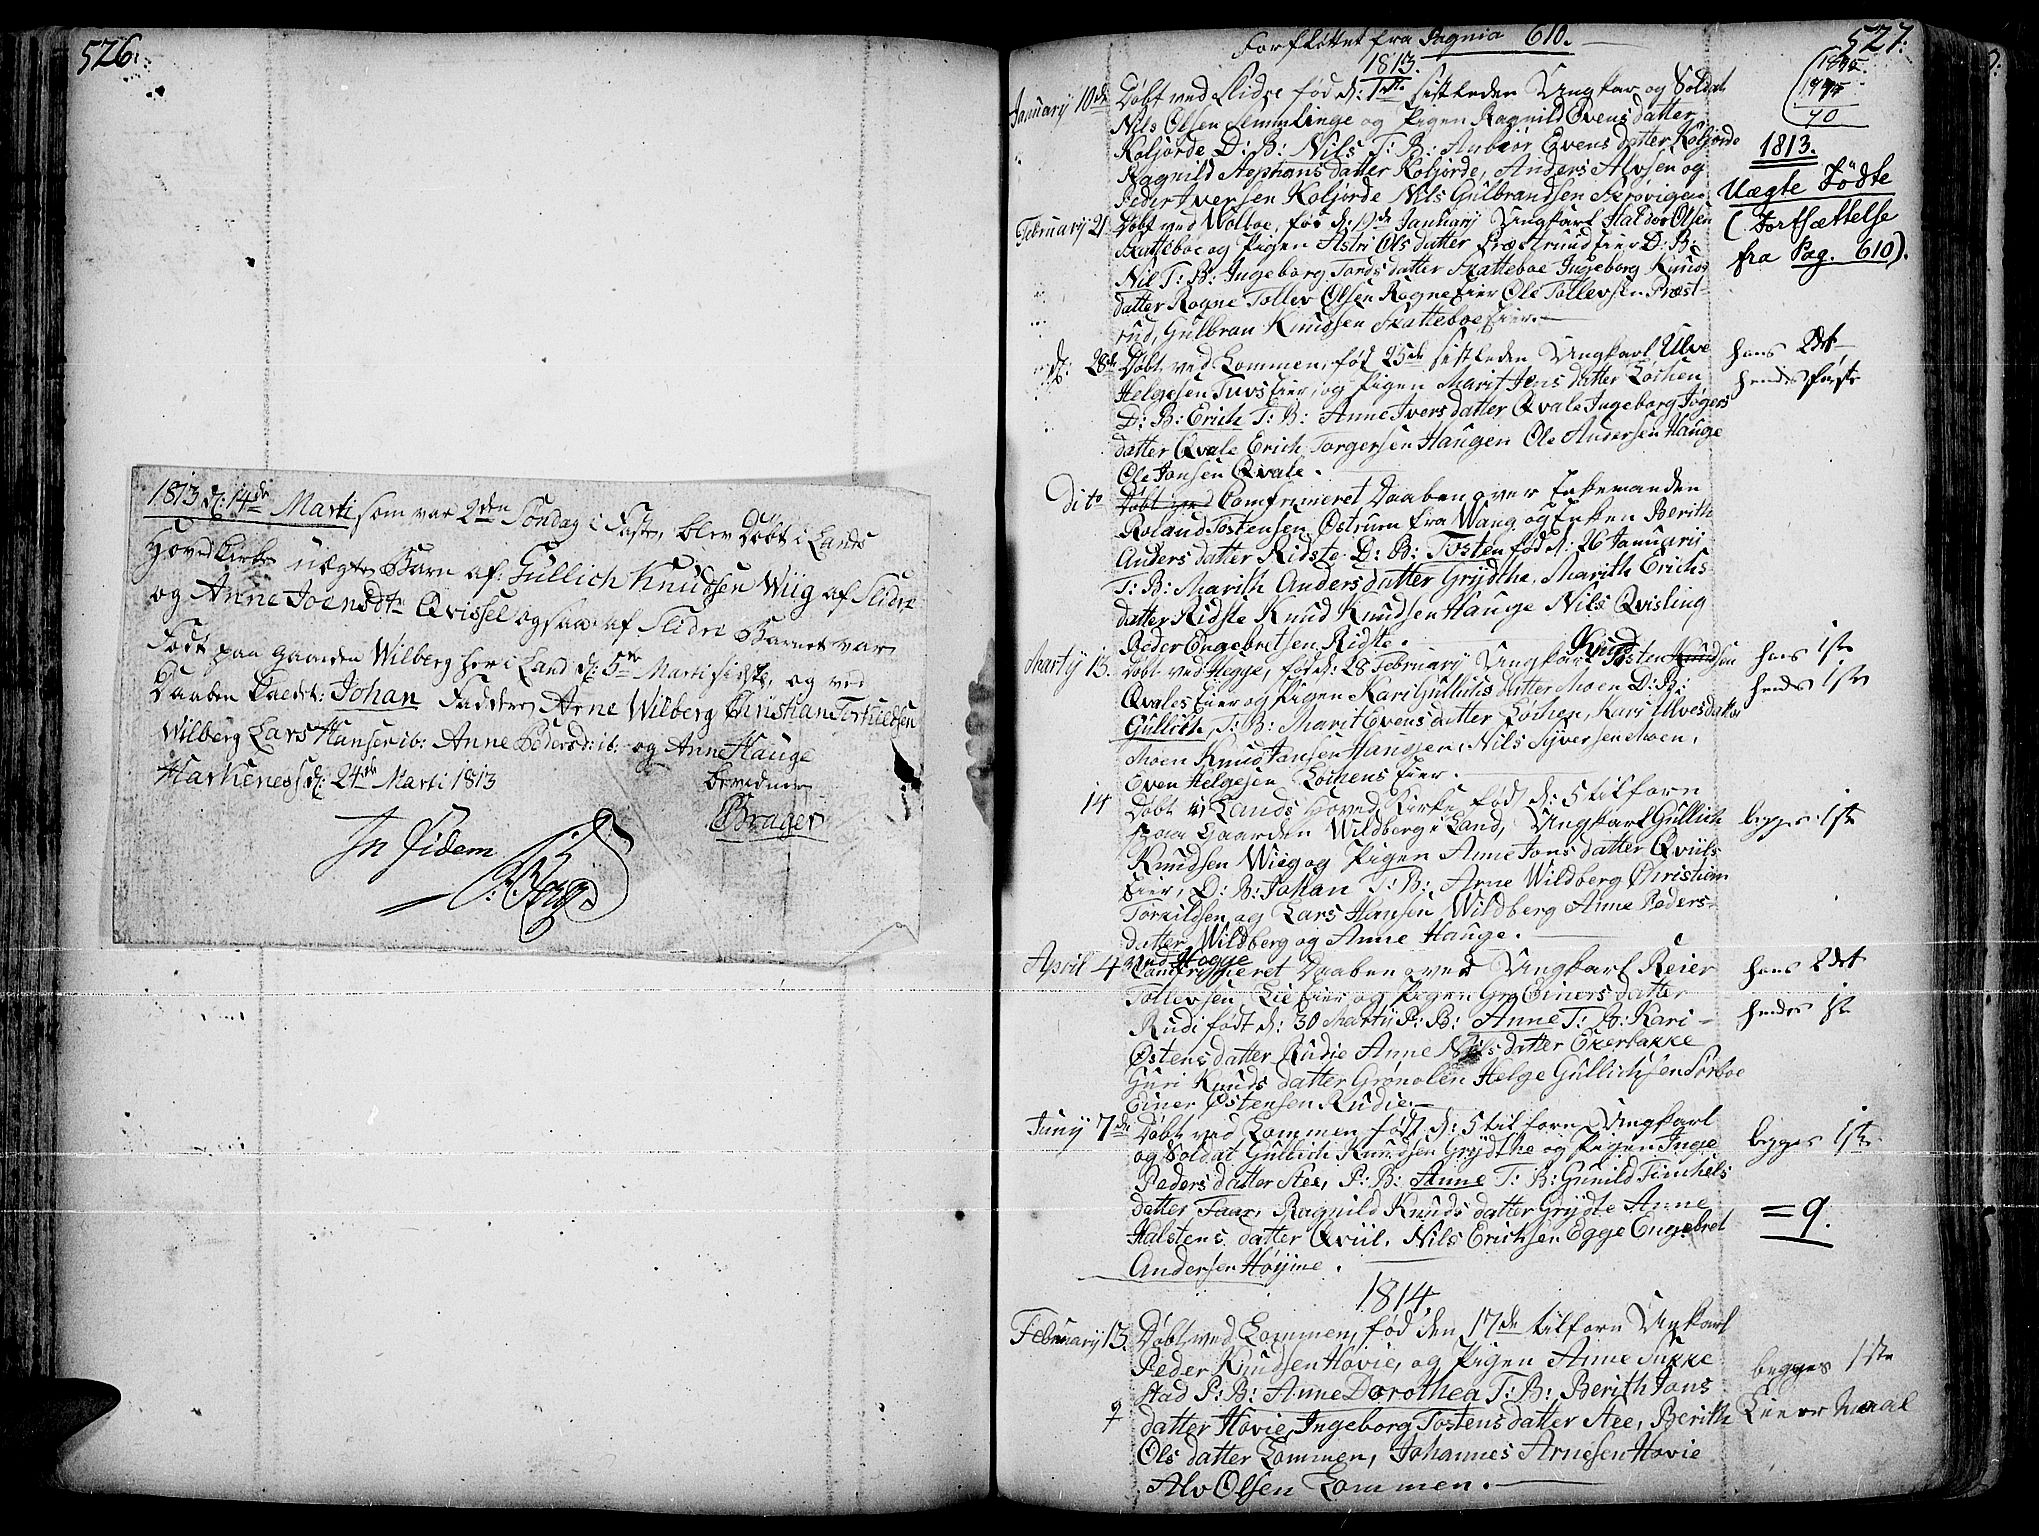 SAH, Slidre prestekontor, Ministerialbok nr. 1, 1724-1814, s. 526-527